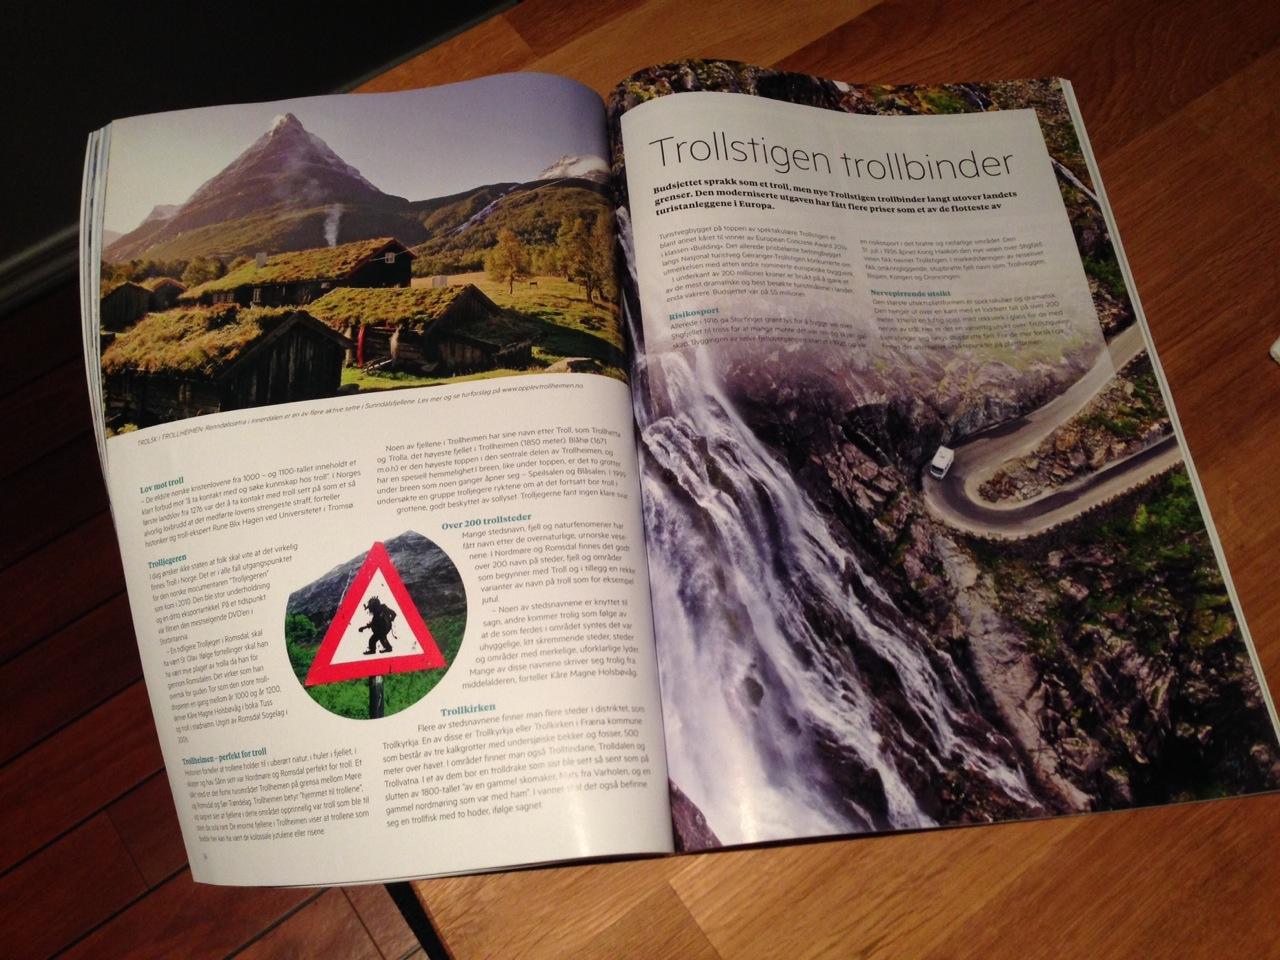 Trollstigen - slik det ser ut i magasin, men ikke i virkeligheten (th)